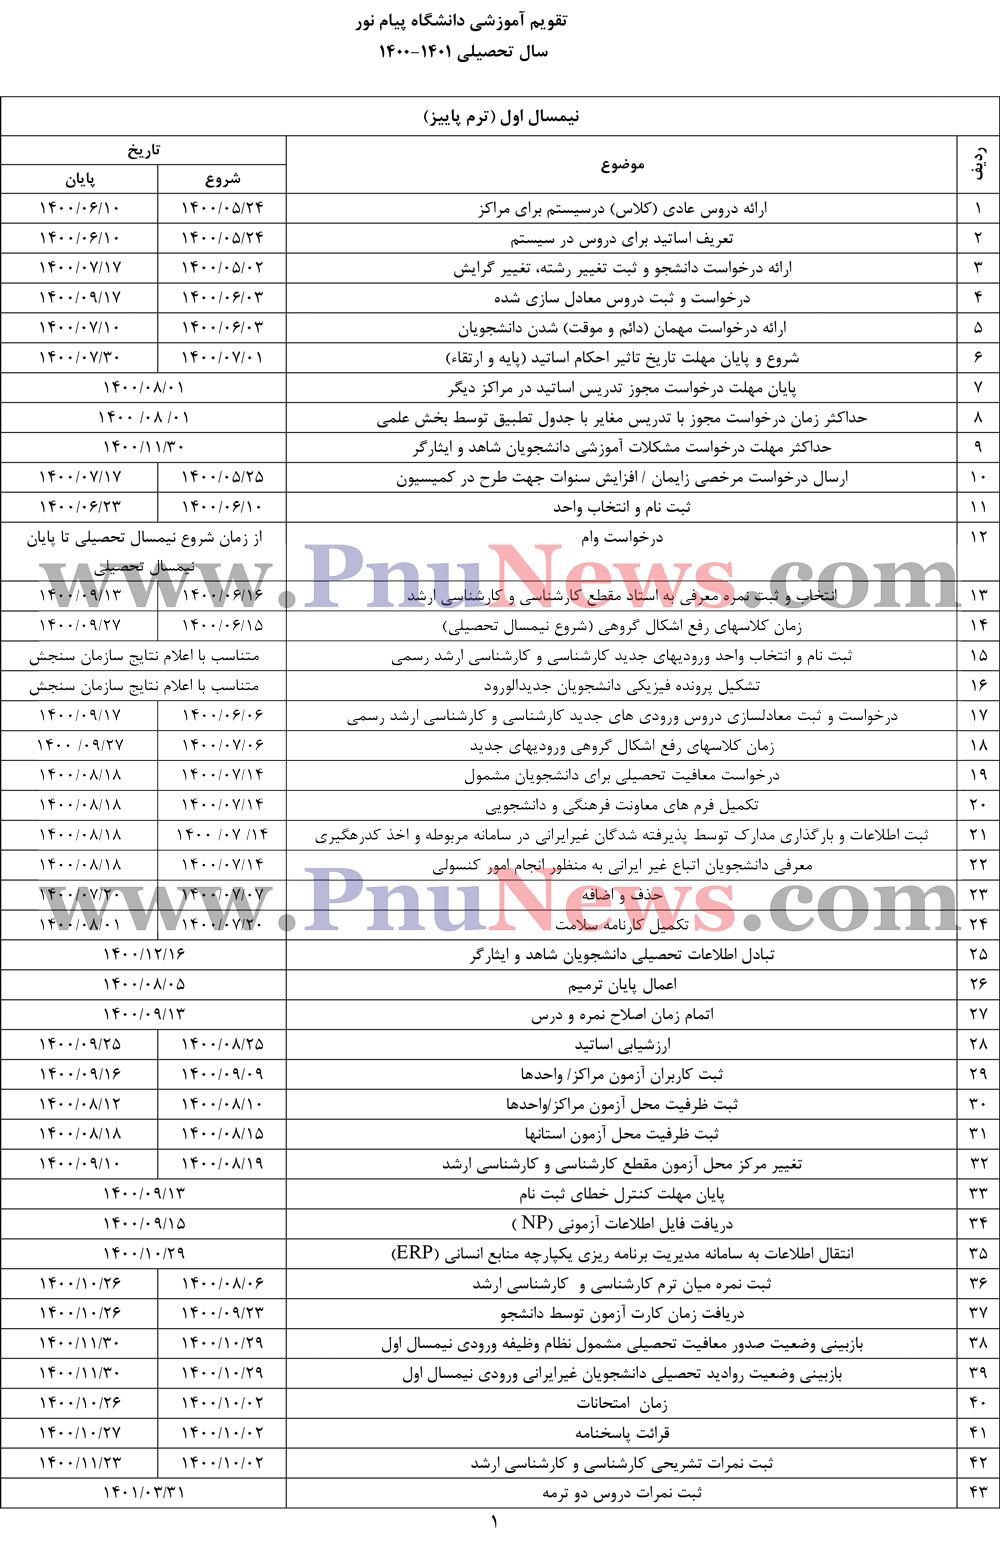 تقویم آموزشی 1401-1400 دانشگاه پیام نور